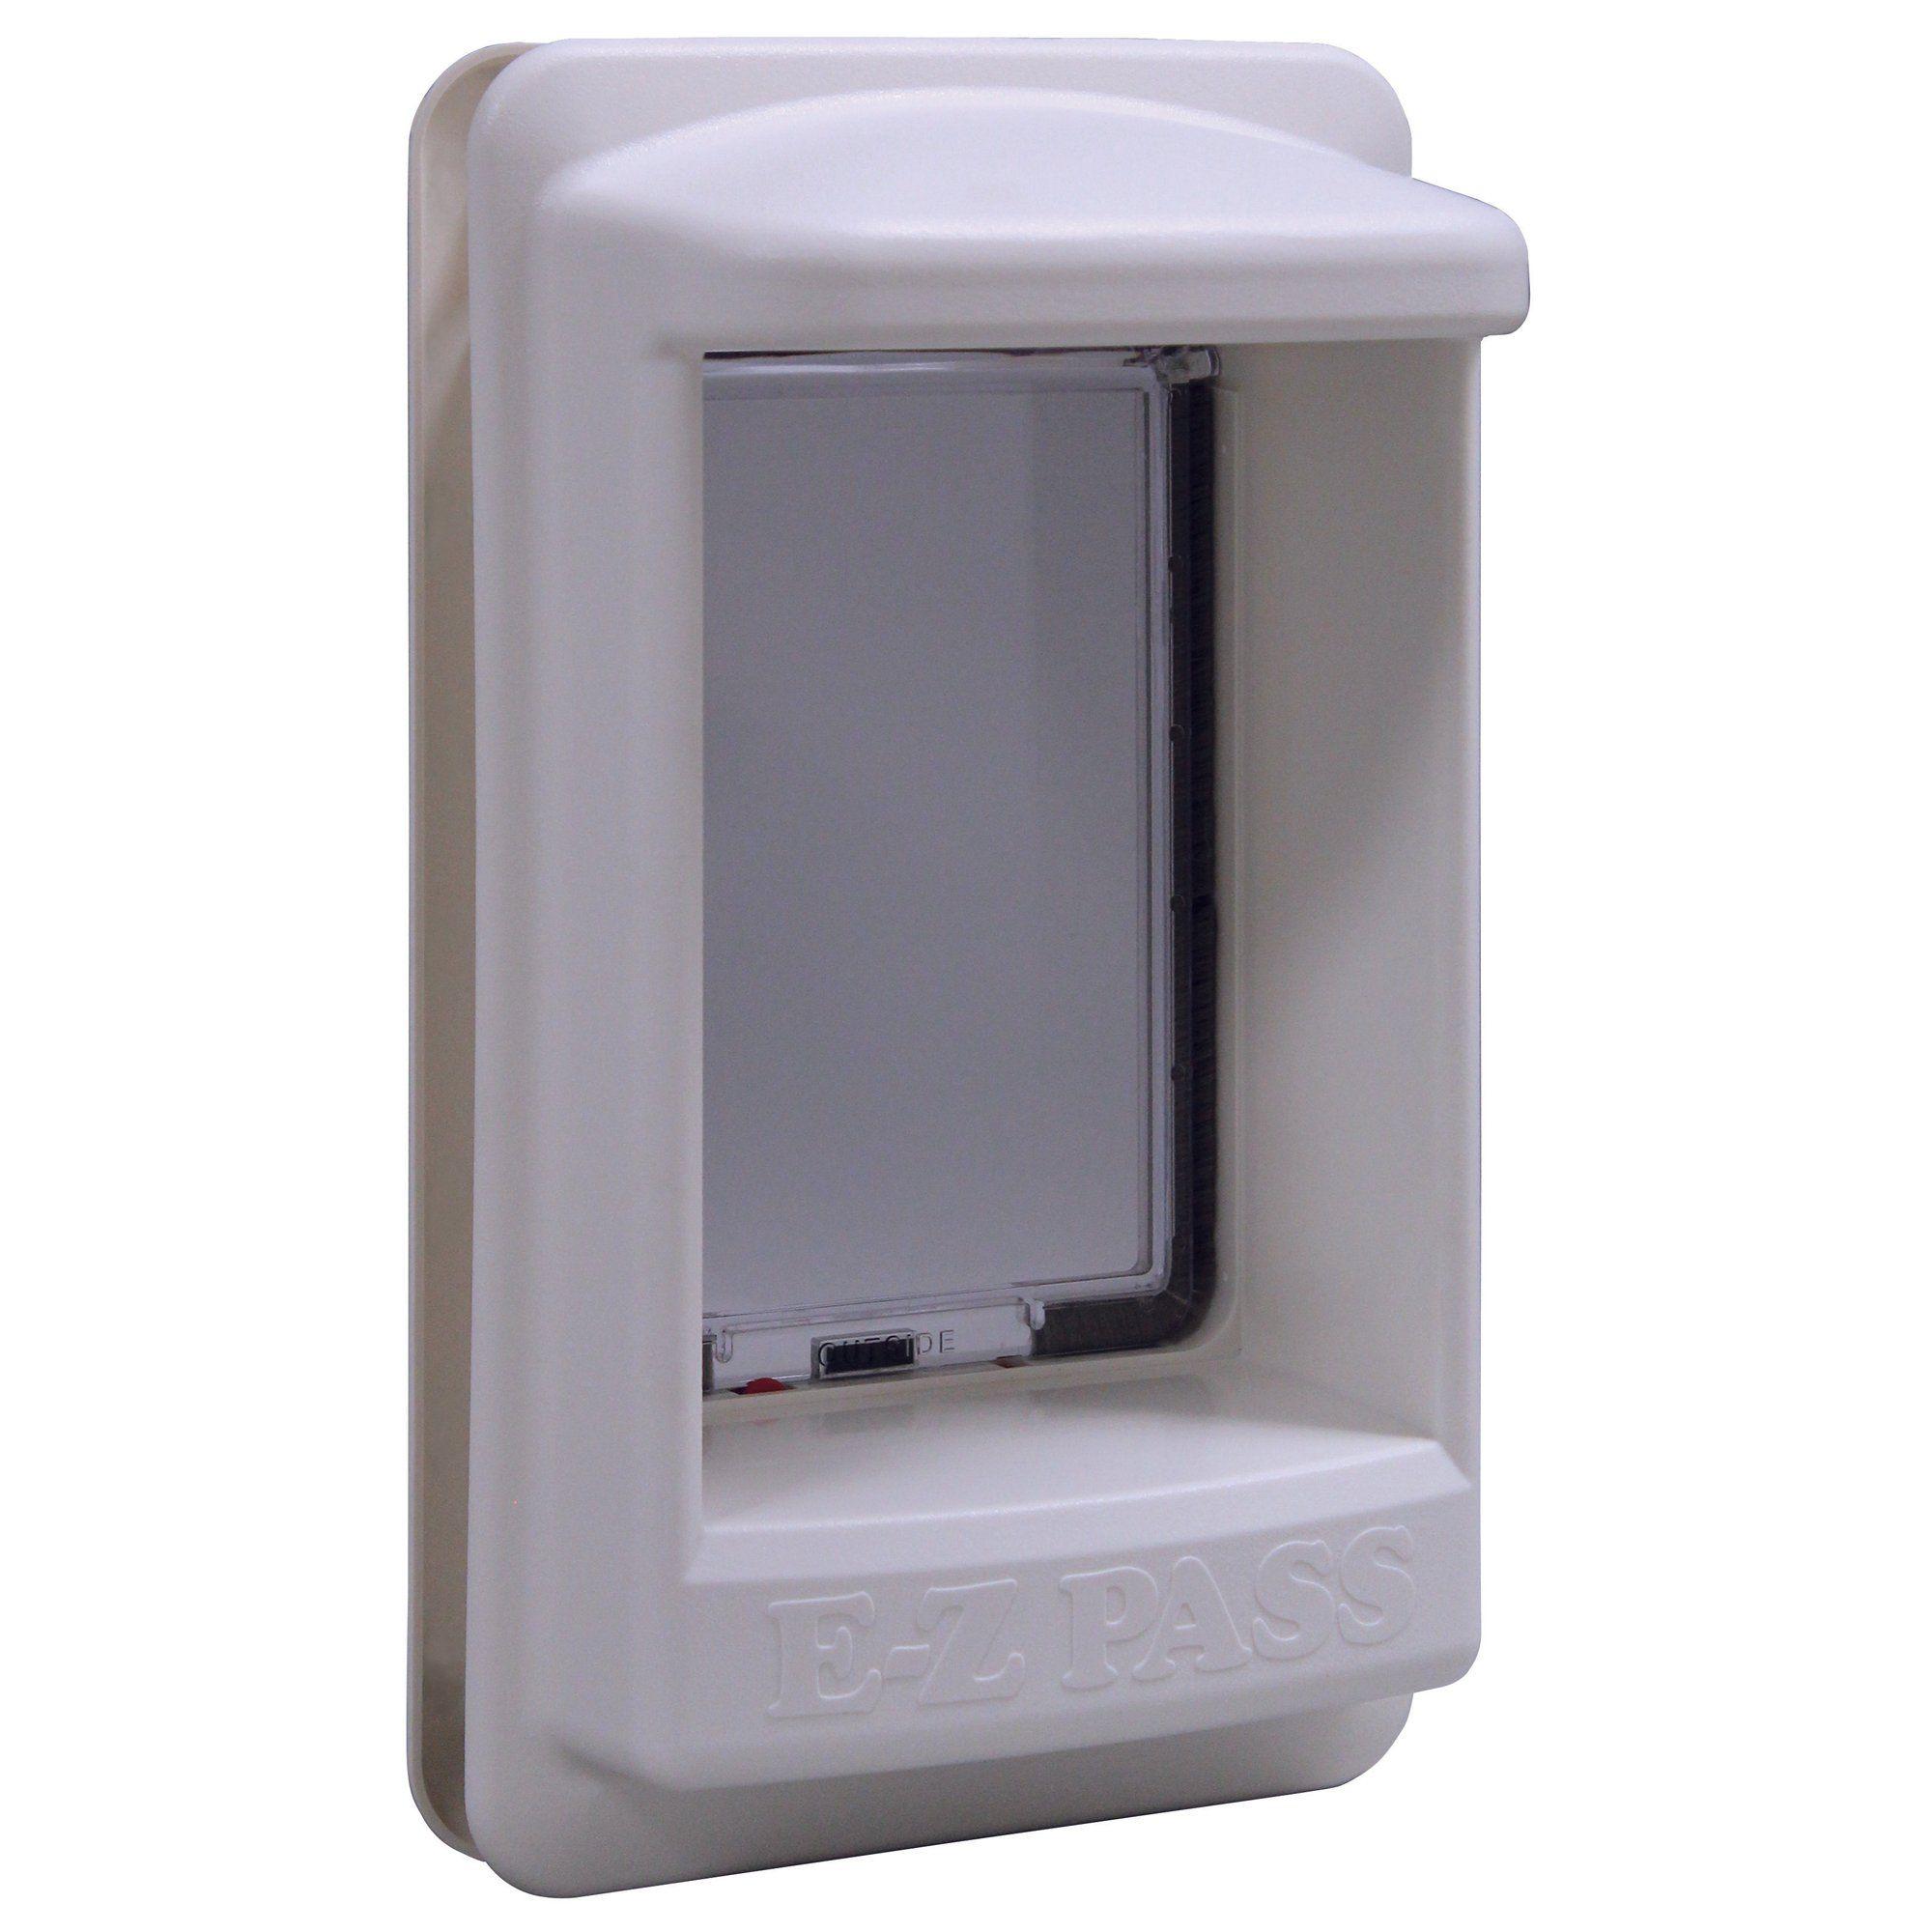 Perfect Pet EZ Pass Electronic Pet Door, in White, 9.25IN